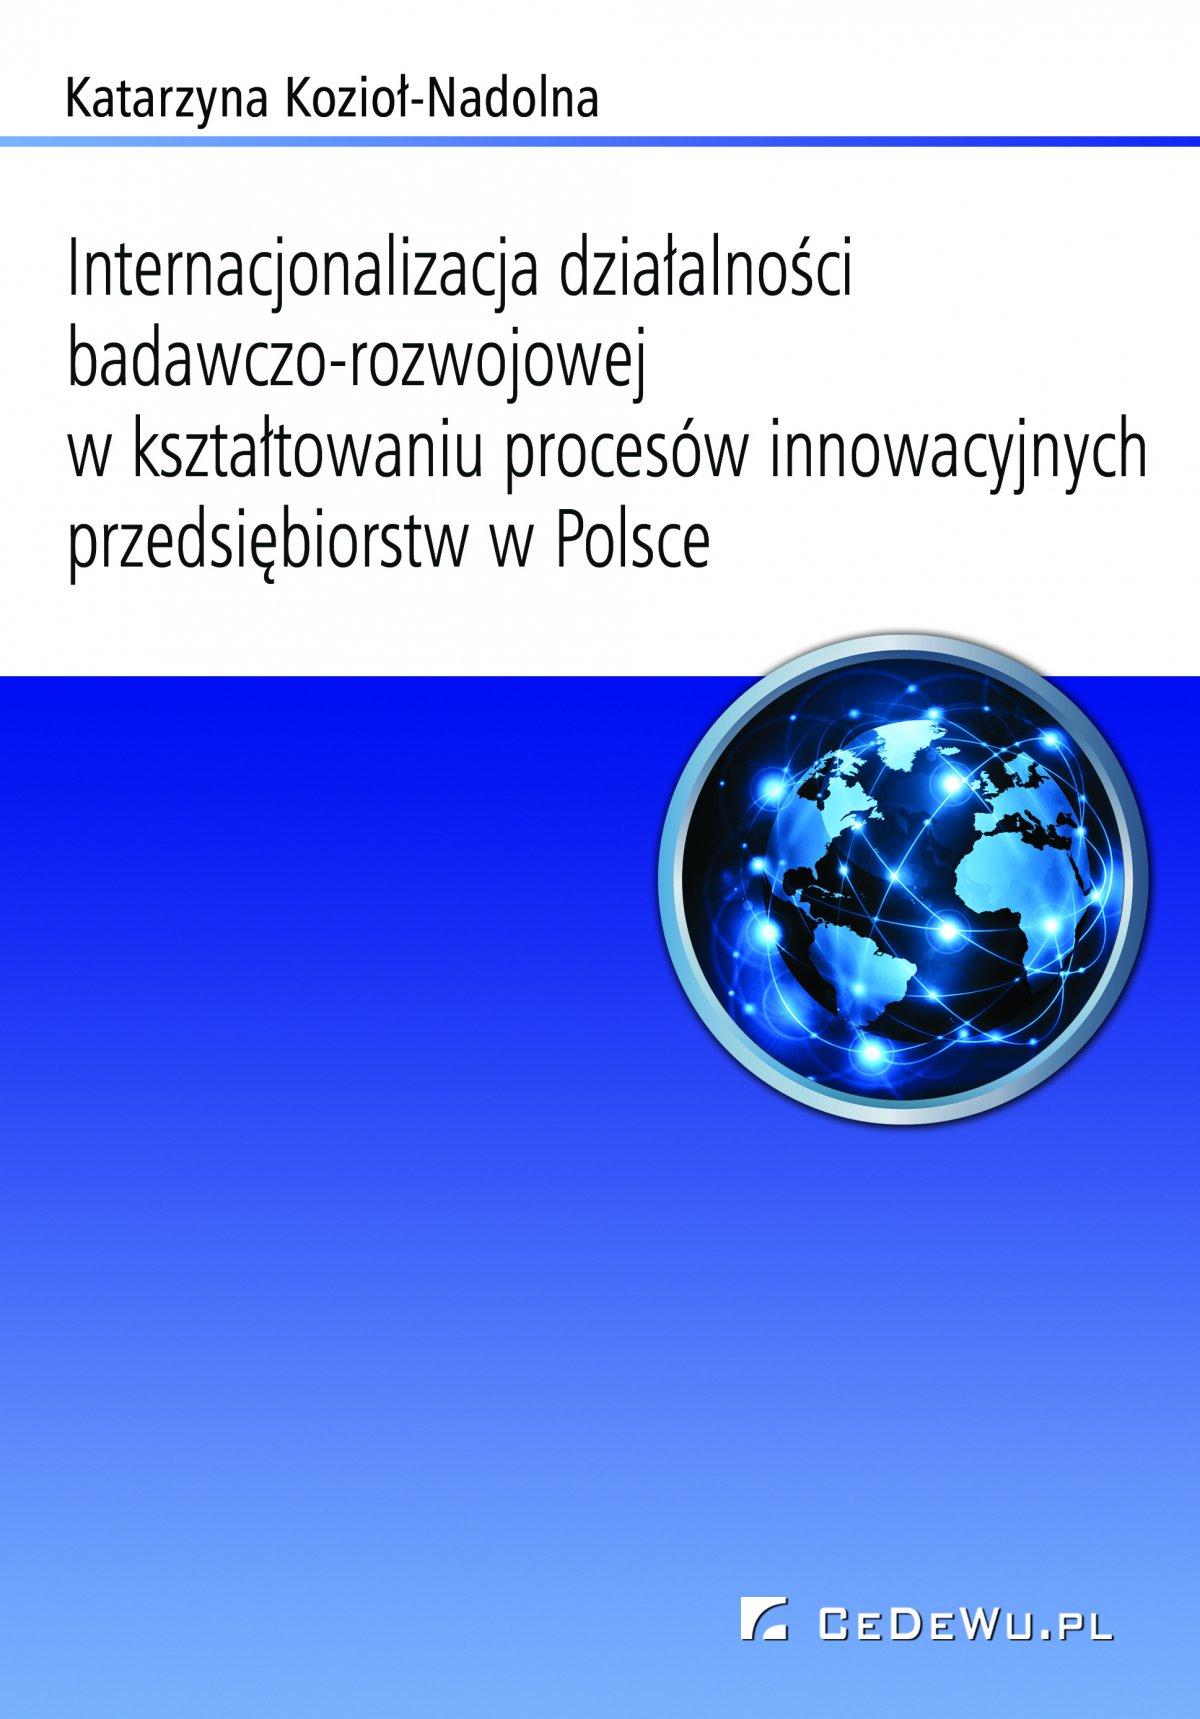 Internacjonalizacja działalności badawczo-rozwojowej w kształtowaniu procesów innowacyjnych przedsiębiorstw w Polsce. Rozdział 3. Uwarunkowania internacjonalizacji działalności badawczo-rozwojowej i procesów innowacyjnych w Polsce - Ebook (Książka PDF) do pobrania w formacie PDF